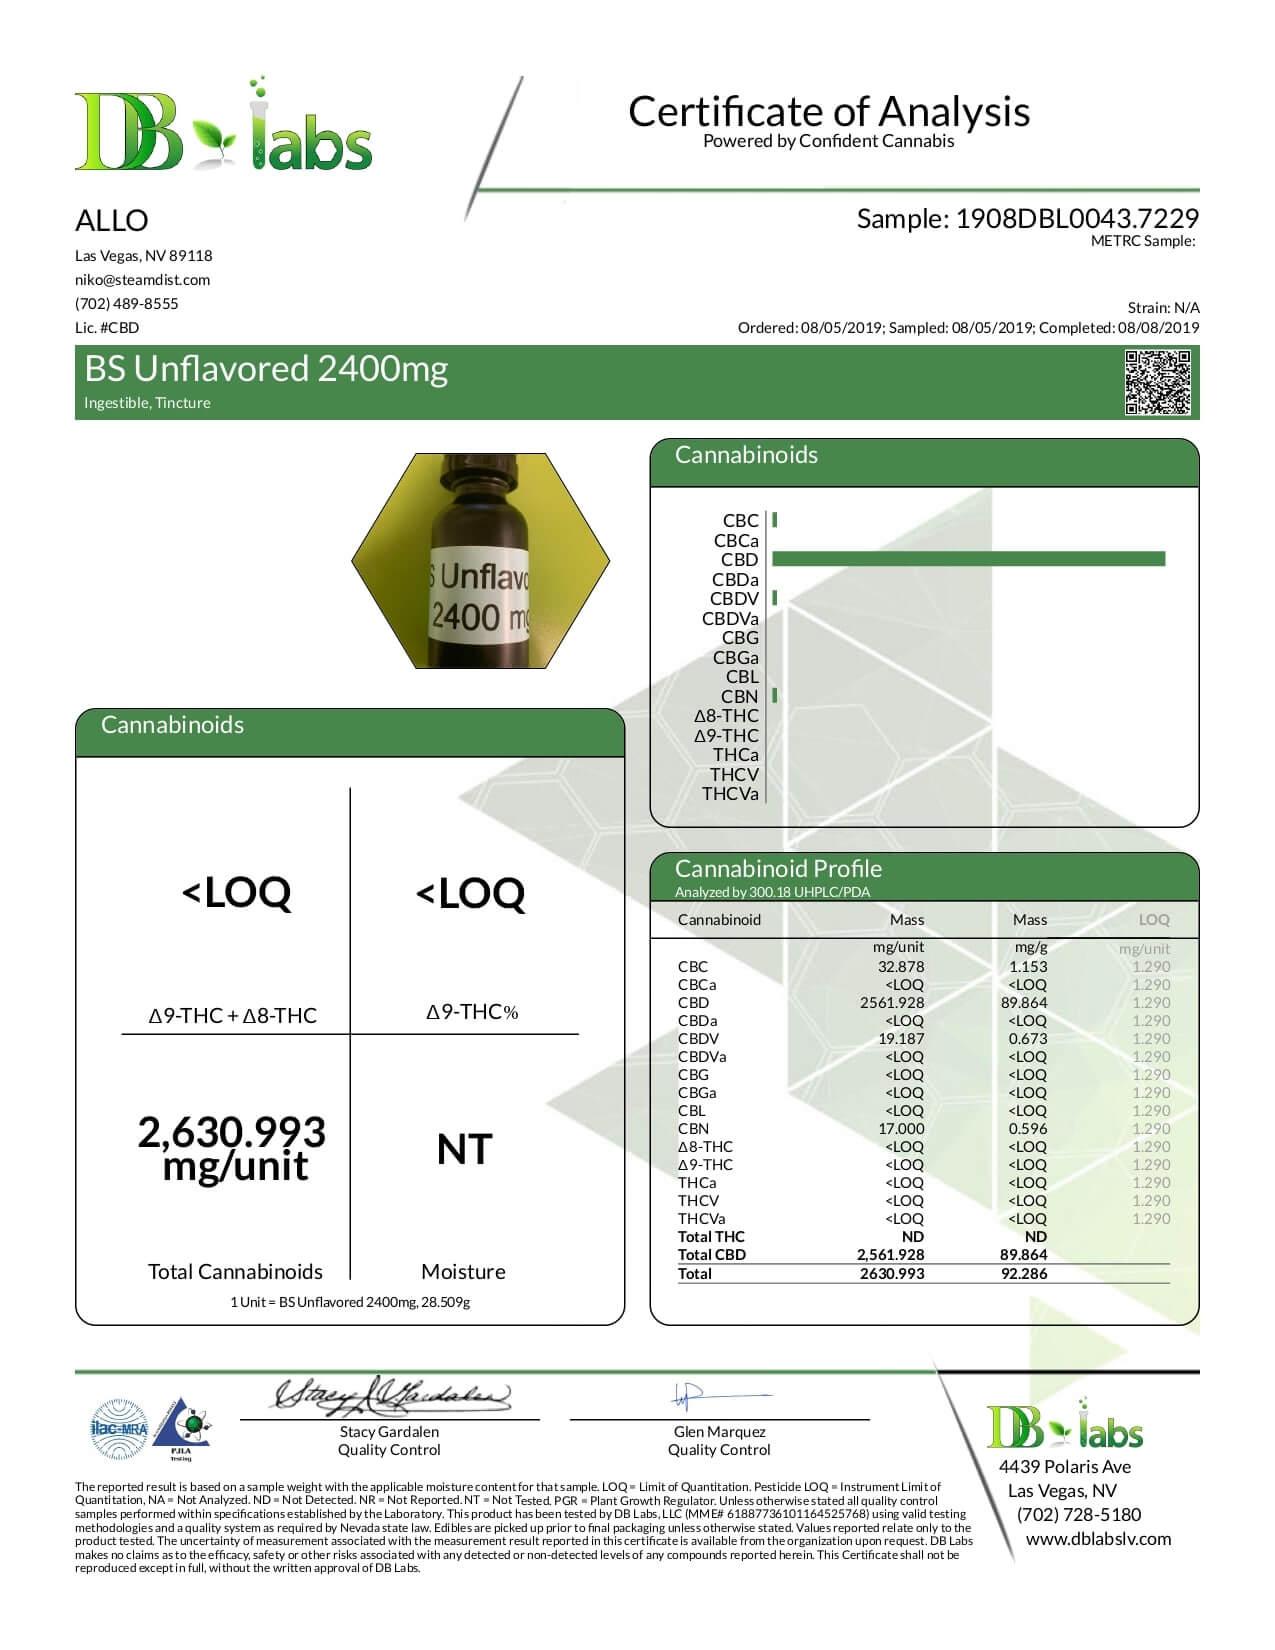 ALLO CBD Tincture Unflavored Lab Report 2400mg